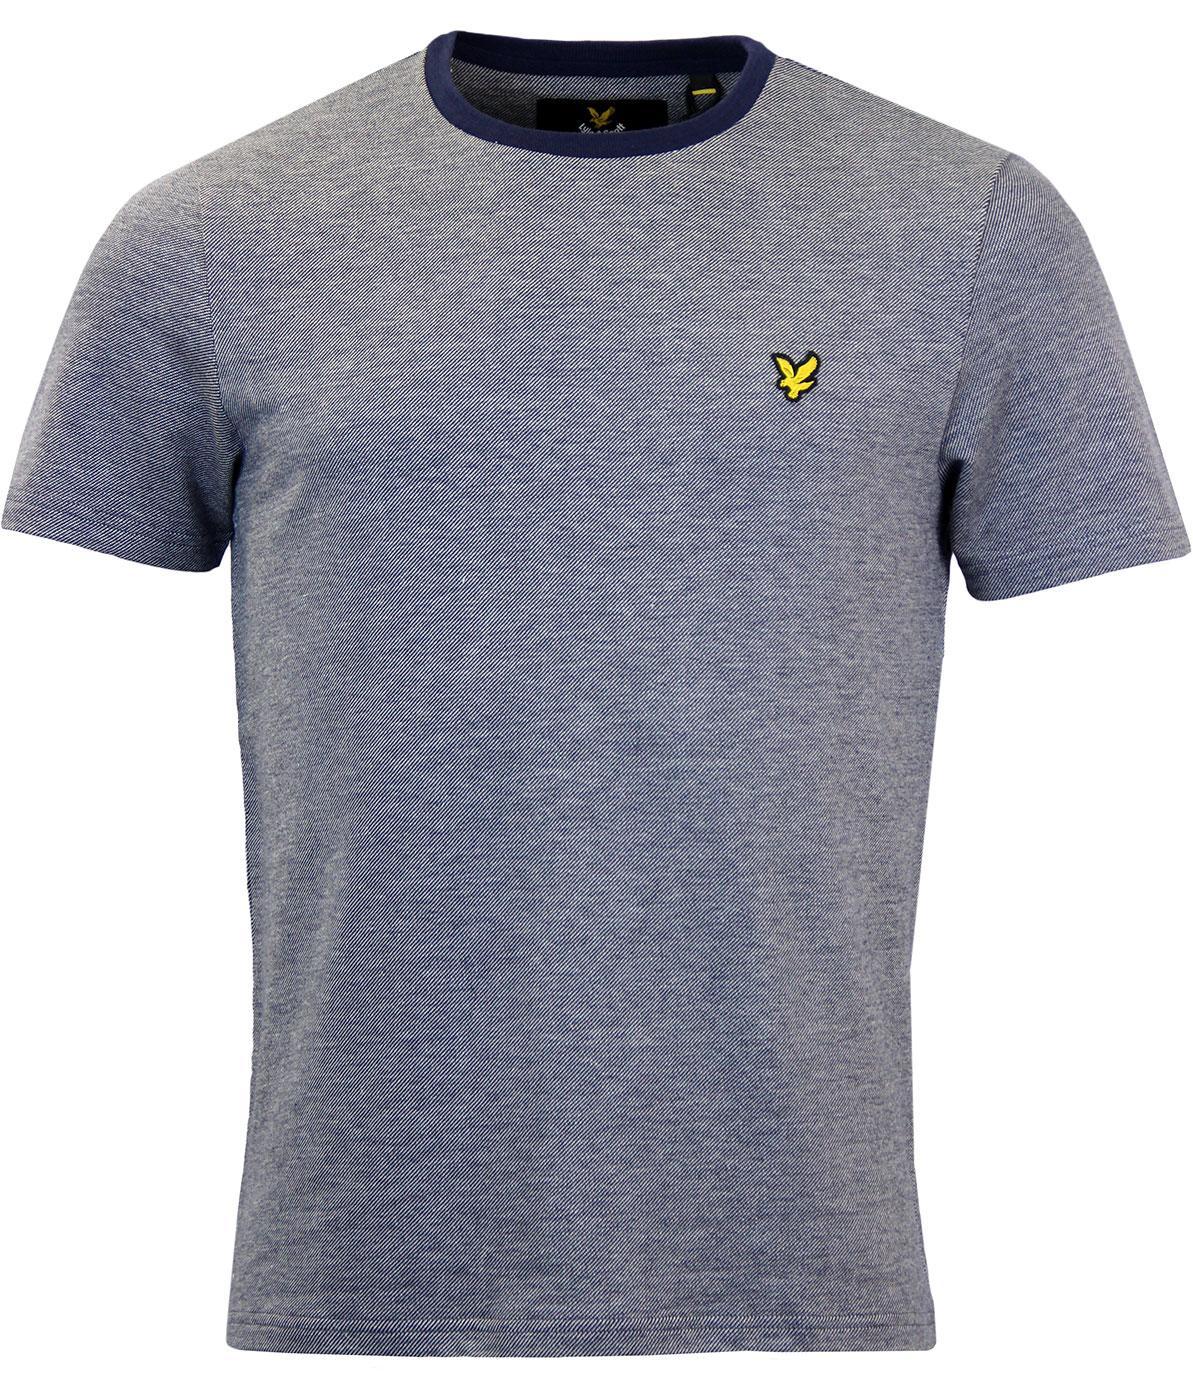 LYLE & SCOTT Retro Mod Pique Space Dye T-Shirt